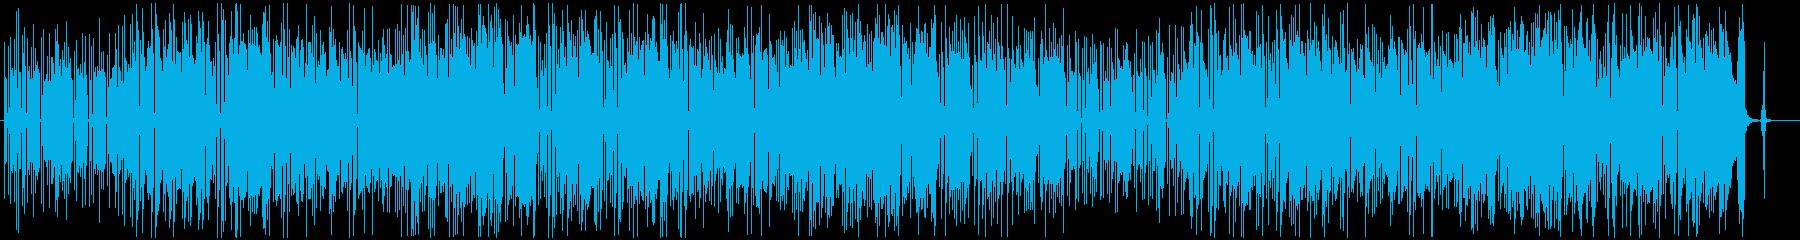 サックスとギターのブルージーなポップスの再生済みの波形